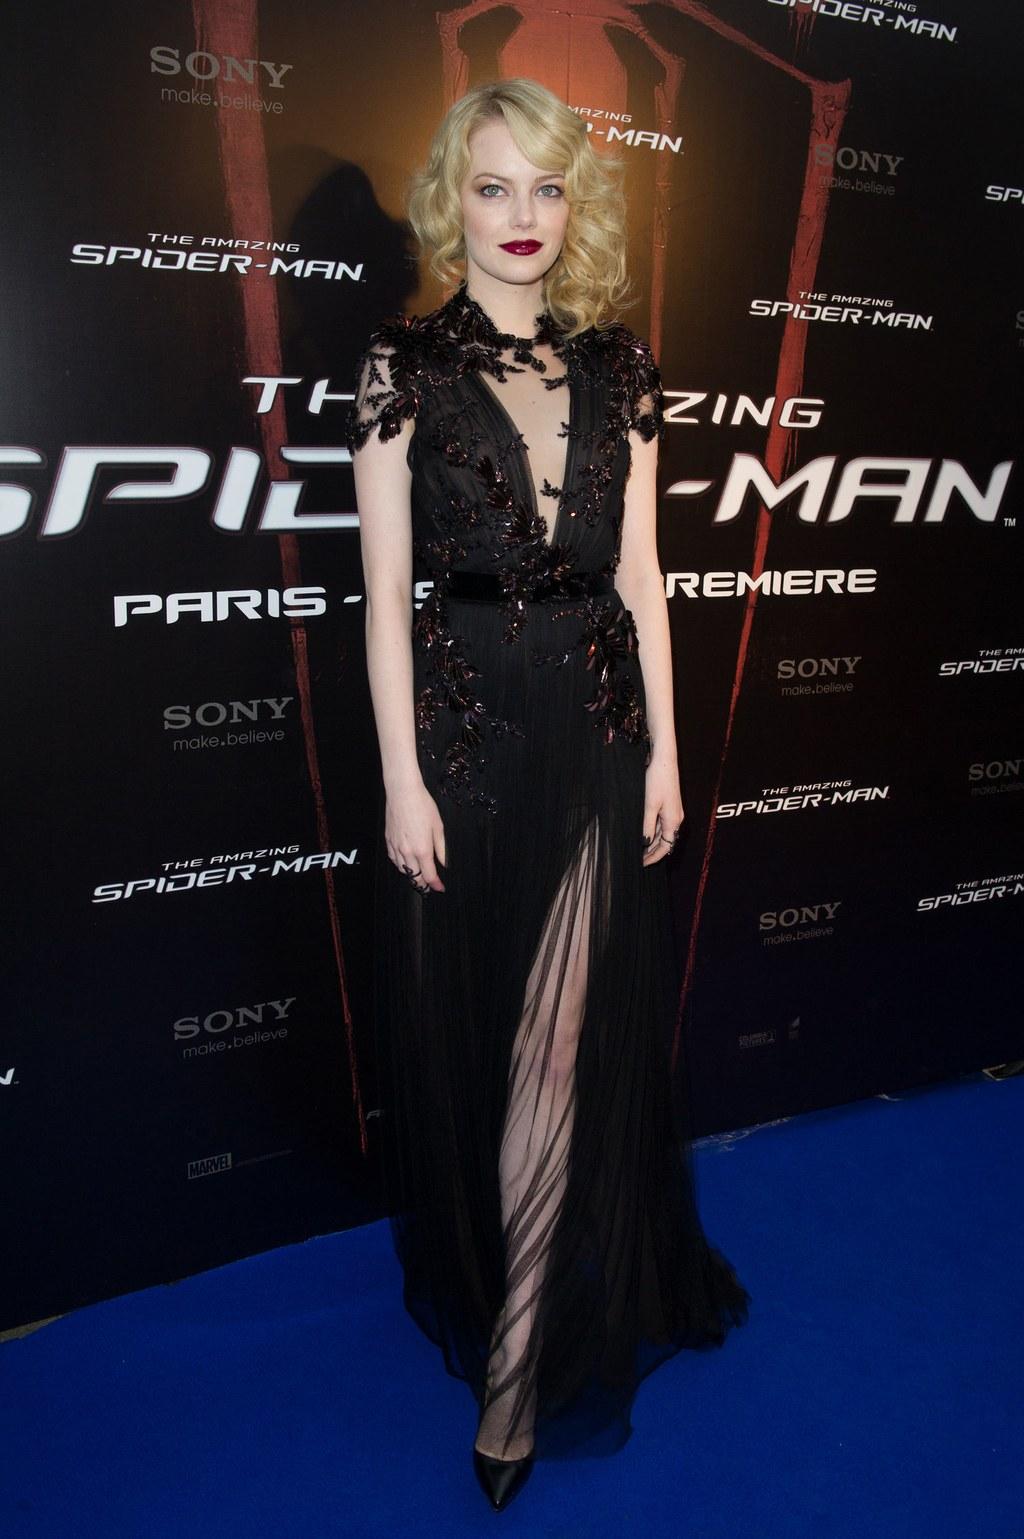 Cô đào gợi cảm quay lại với mái tóc vàng cho vai diễn trong bom tấn The Amazing Spiderman. Thiết kế Gucci tôn lên vẻ đẹp ma mị của cô một cách hoàn hảo.